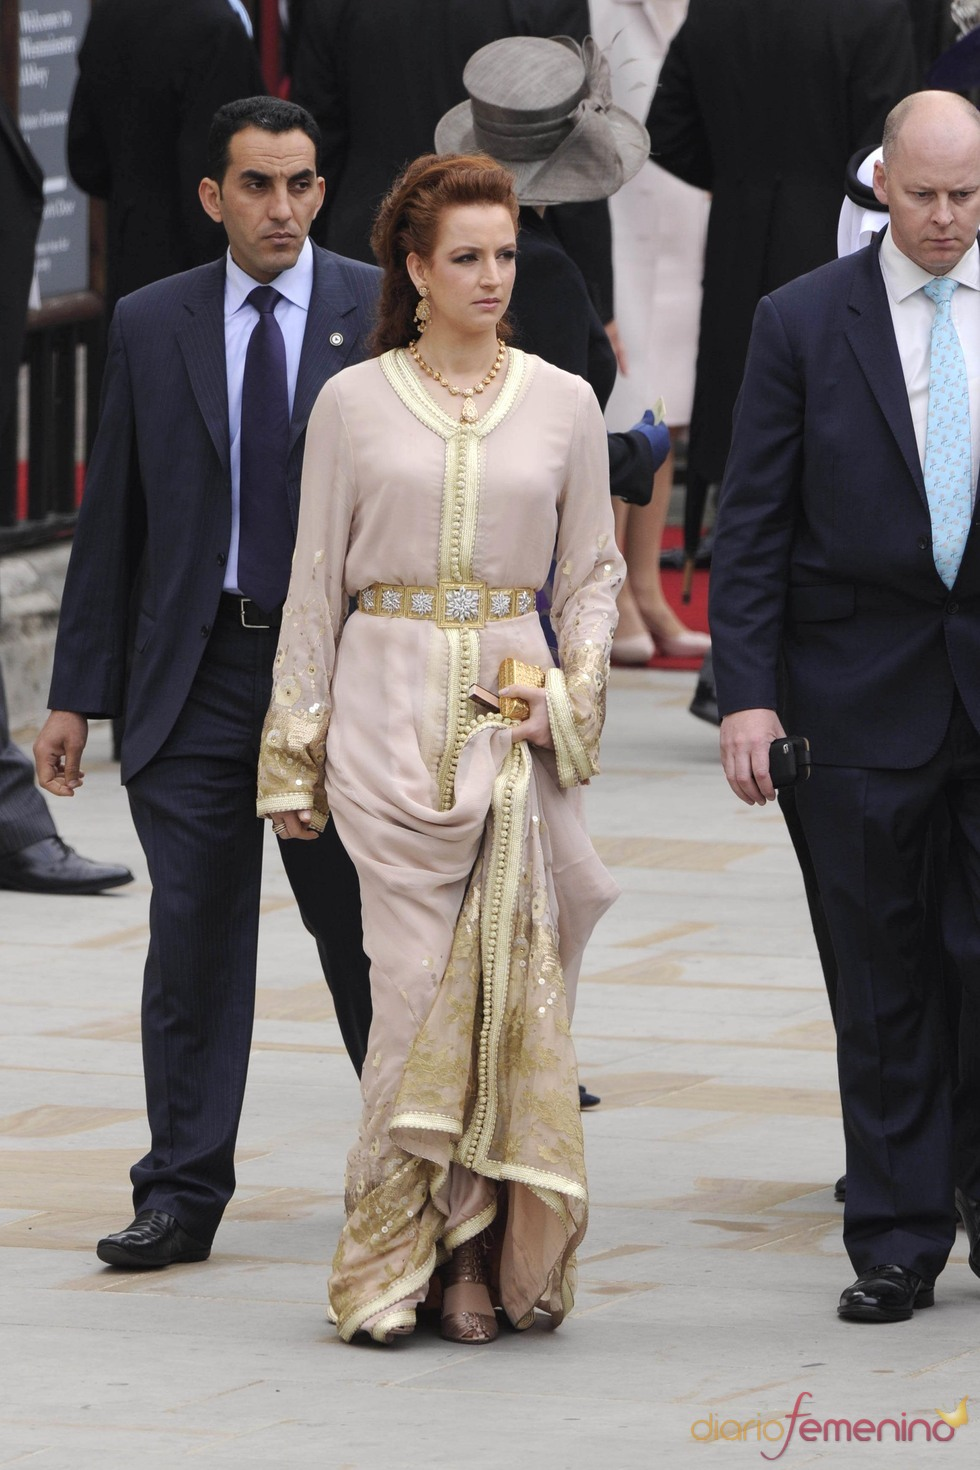 La Princesa Lala Salma de Marruecos a la salida de la Abadía de Westminster